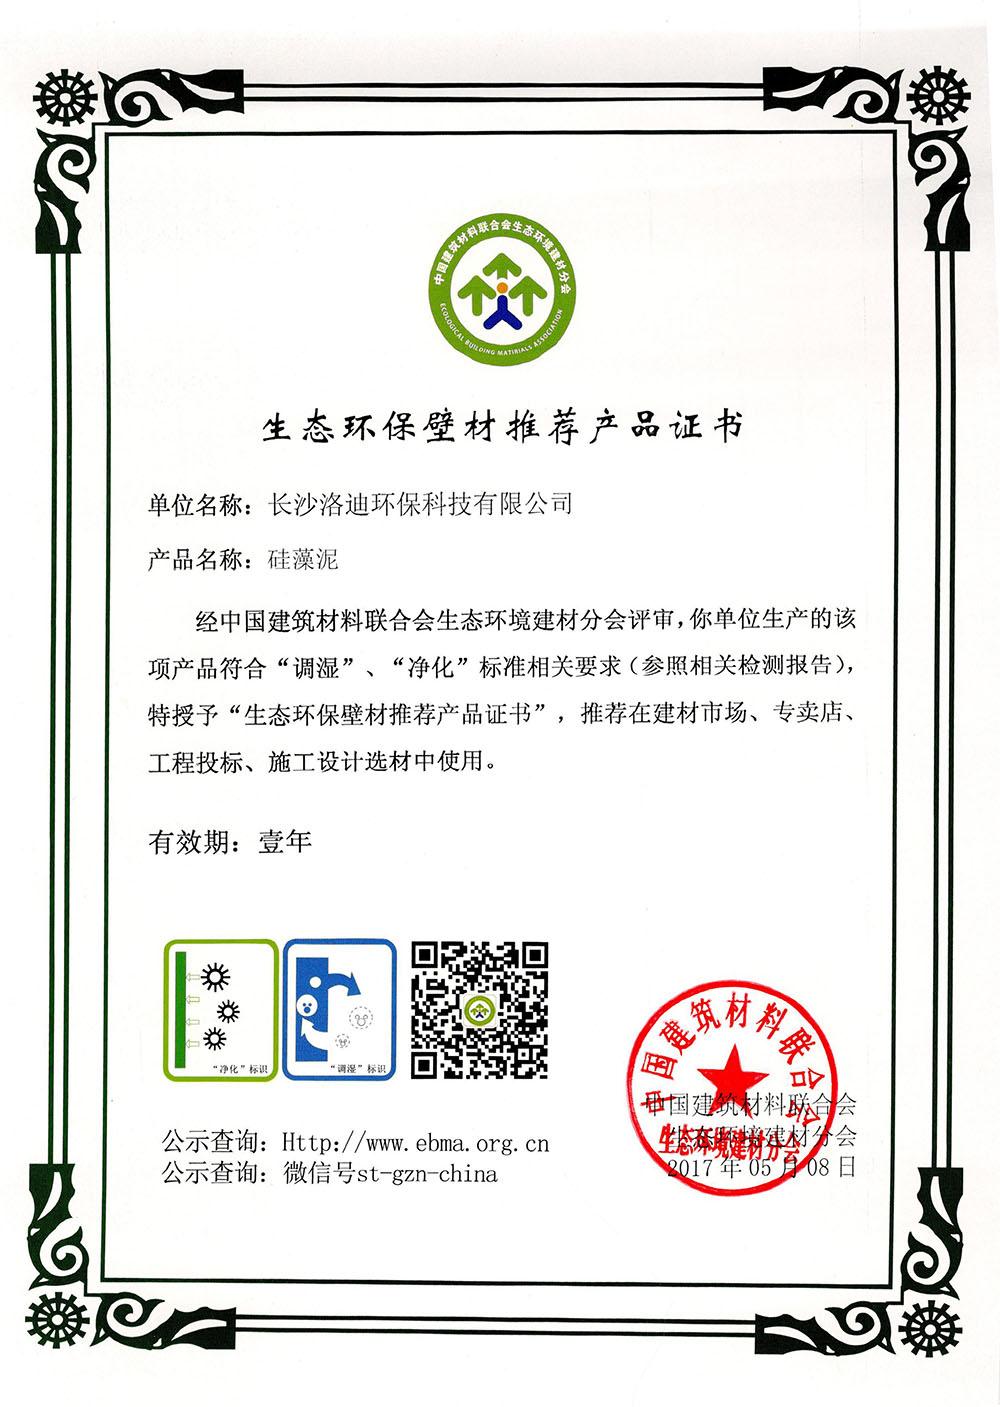 生态环保壁材推荐产品证书